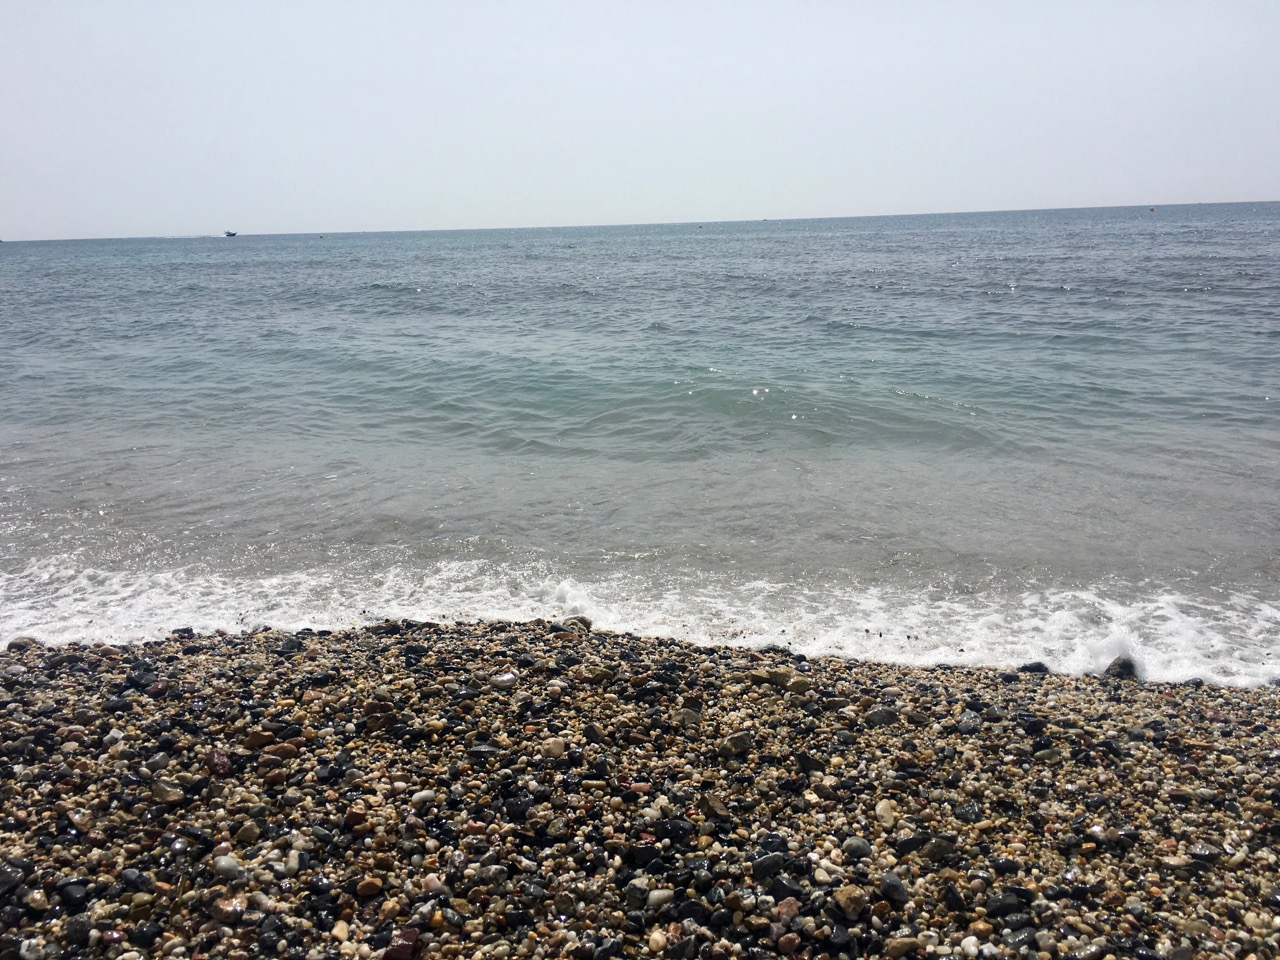 Listando 1 Cruising cerca de Roquetas de Mar